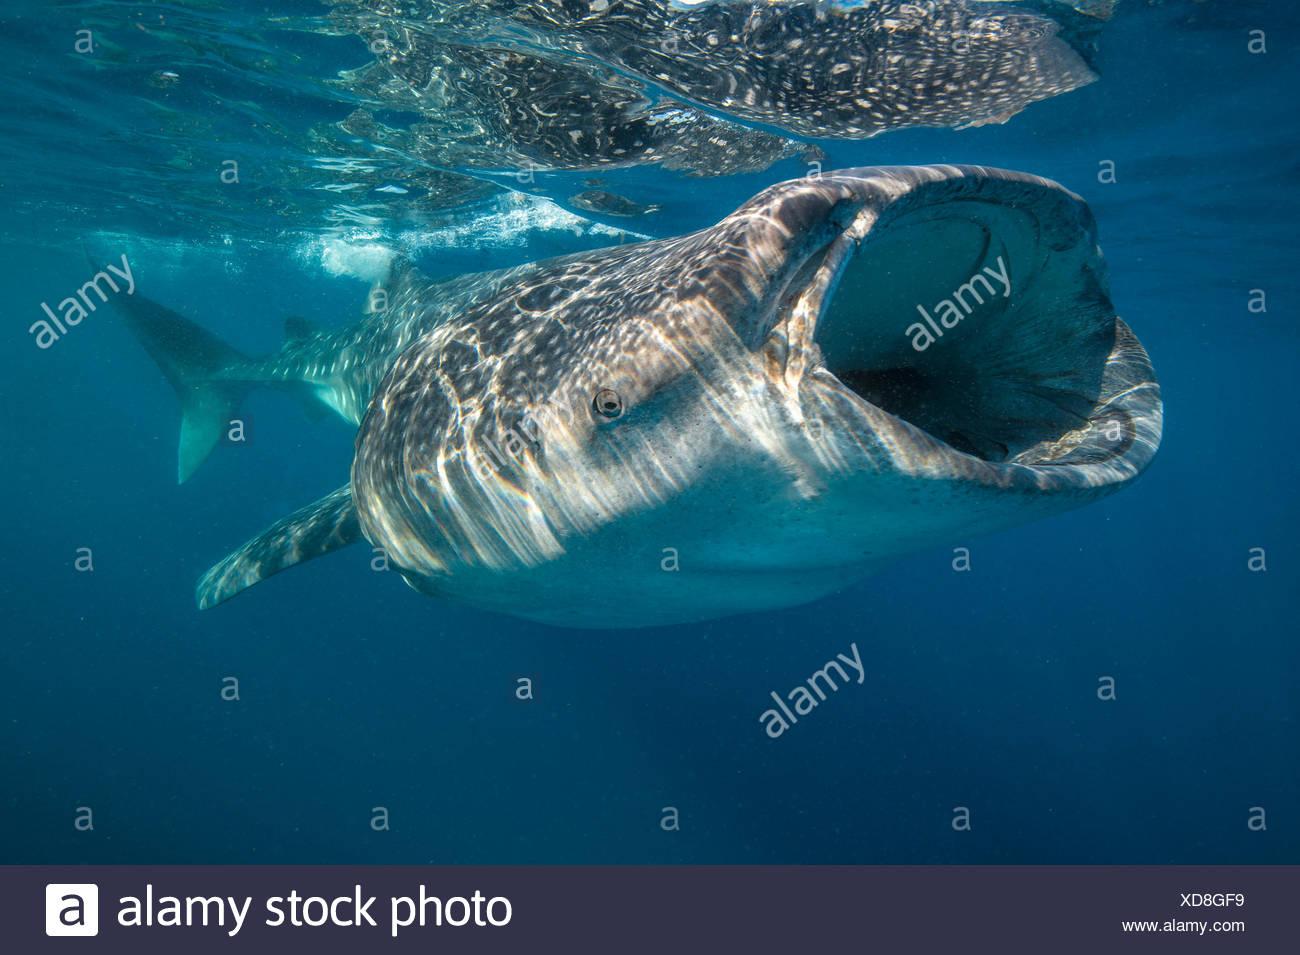 Squalo balena (Rhincodon typus) aperta la bocca di alimentazione del filtro in corrispondenza della superficie, Quintana Roo, Penisola dello Yucatan, Messico, Mar dei Caraibi. Immagini Stock